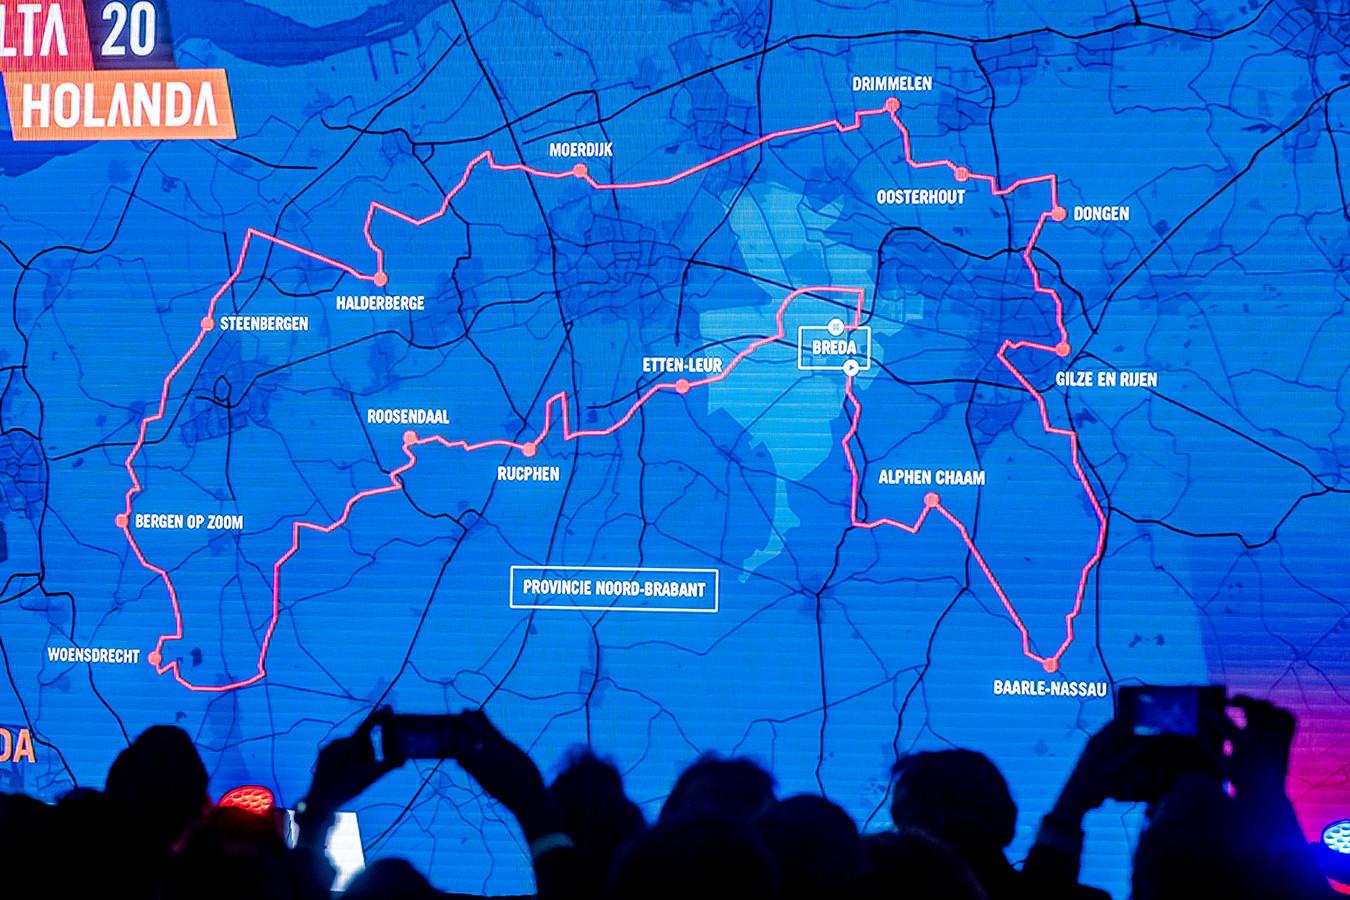 De routekaart met daarop de gemeenten waar de Ronde van Spanje doorheen komt op zondag 16 augustus.